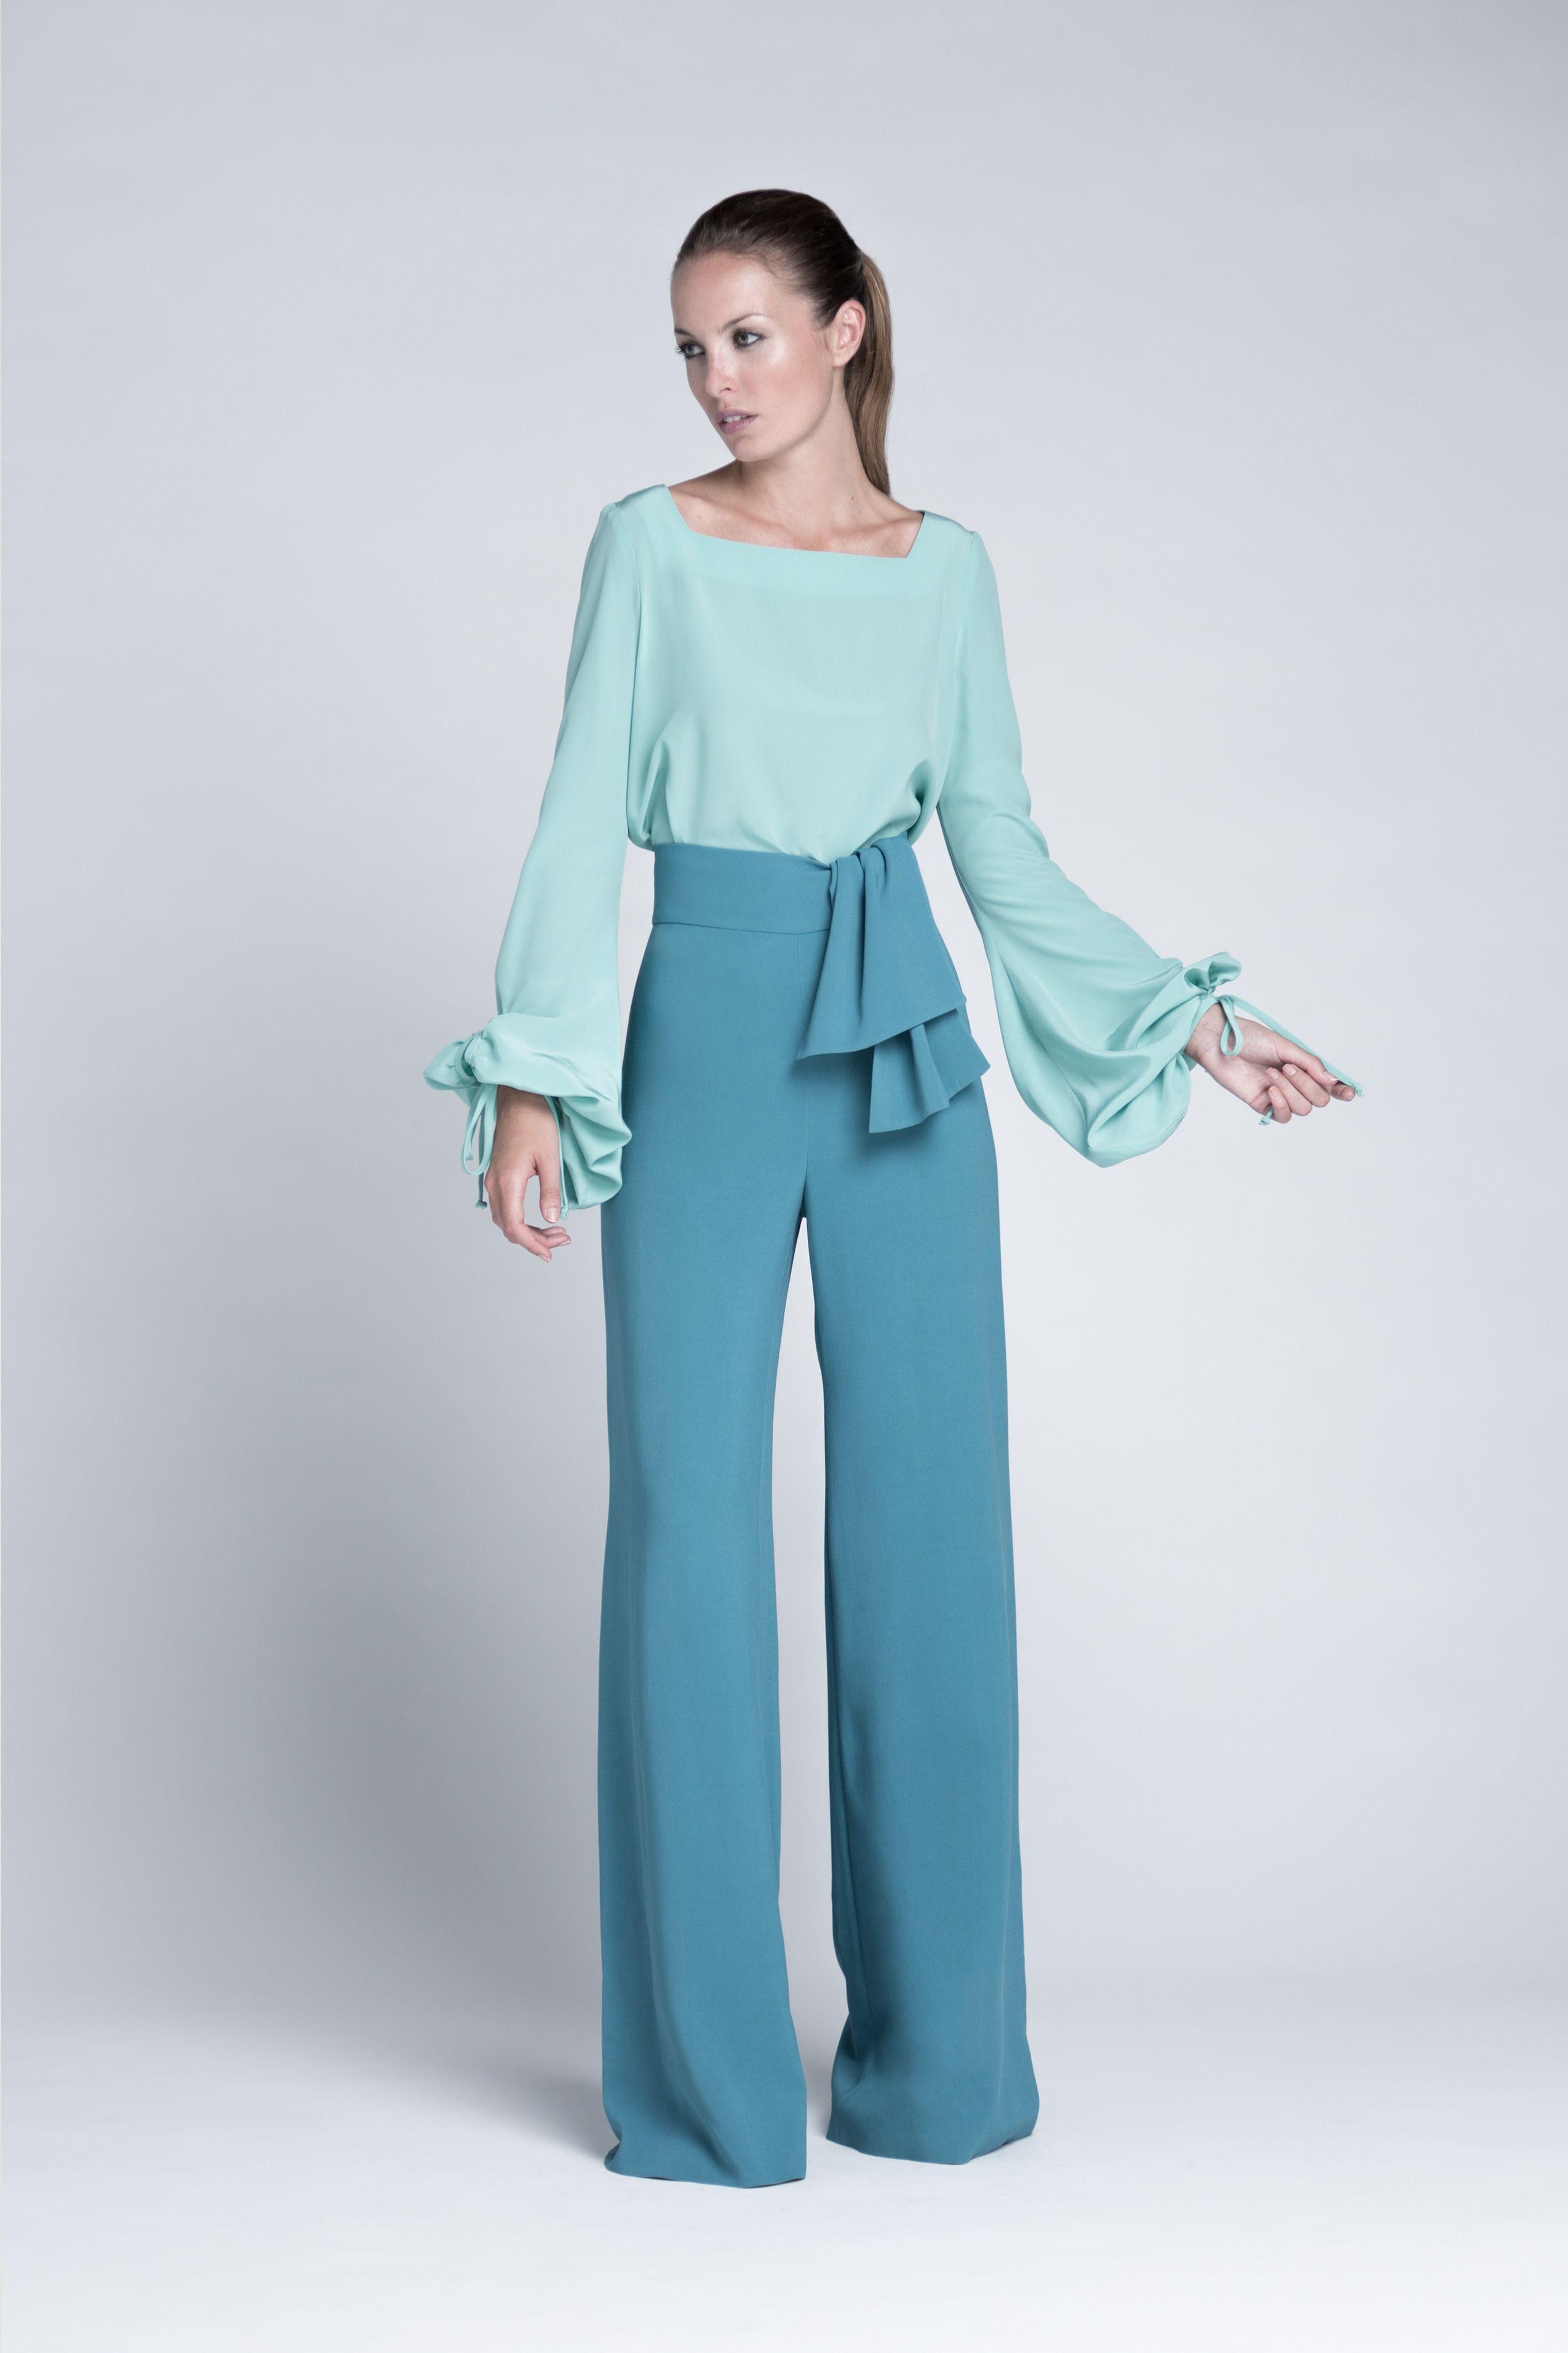 2eed693134 Conjunto de blusa de manga larga y pantalón palazzo con cintura alta.  Modelo Satoru y Serika de Colour Nude